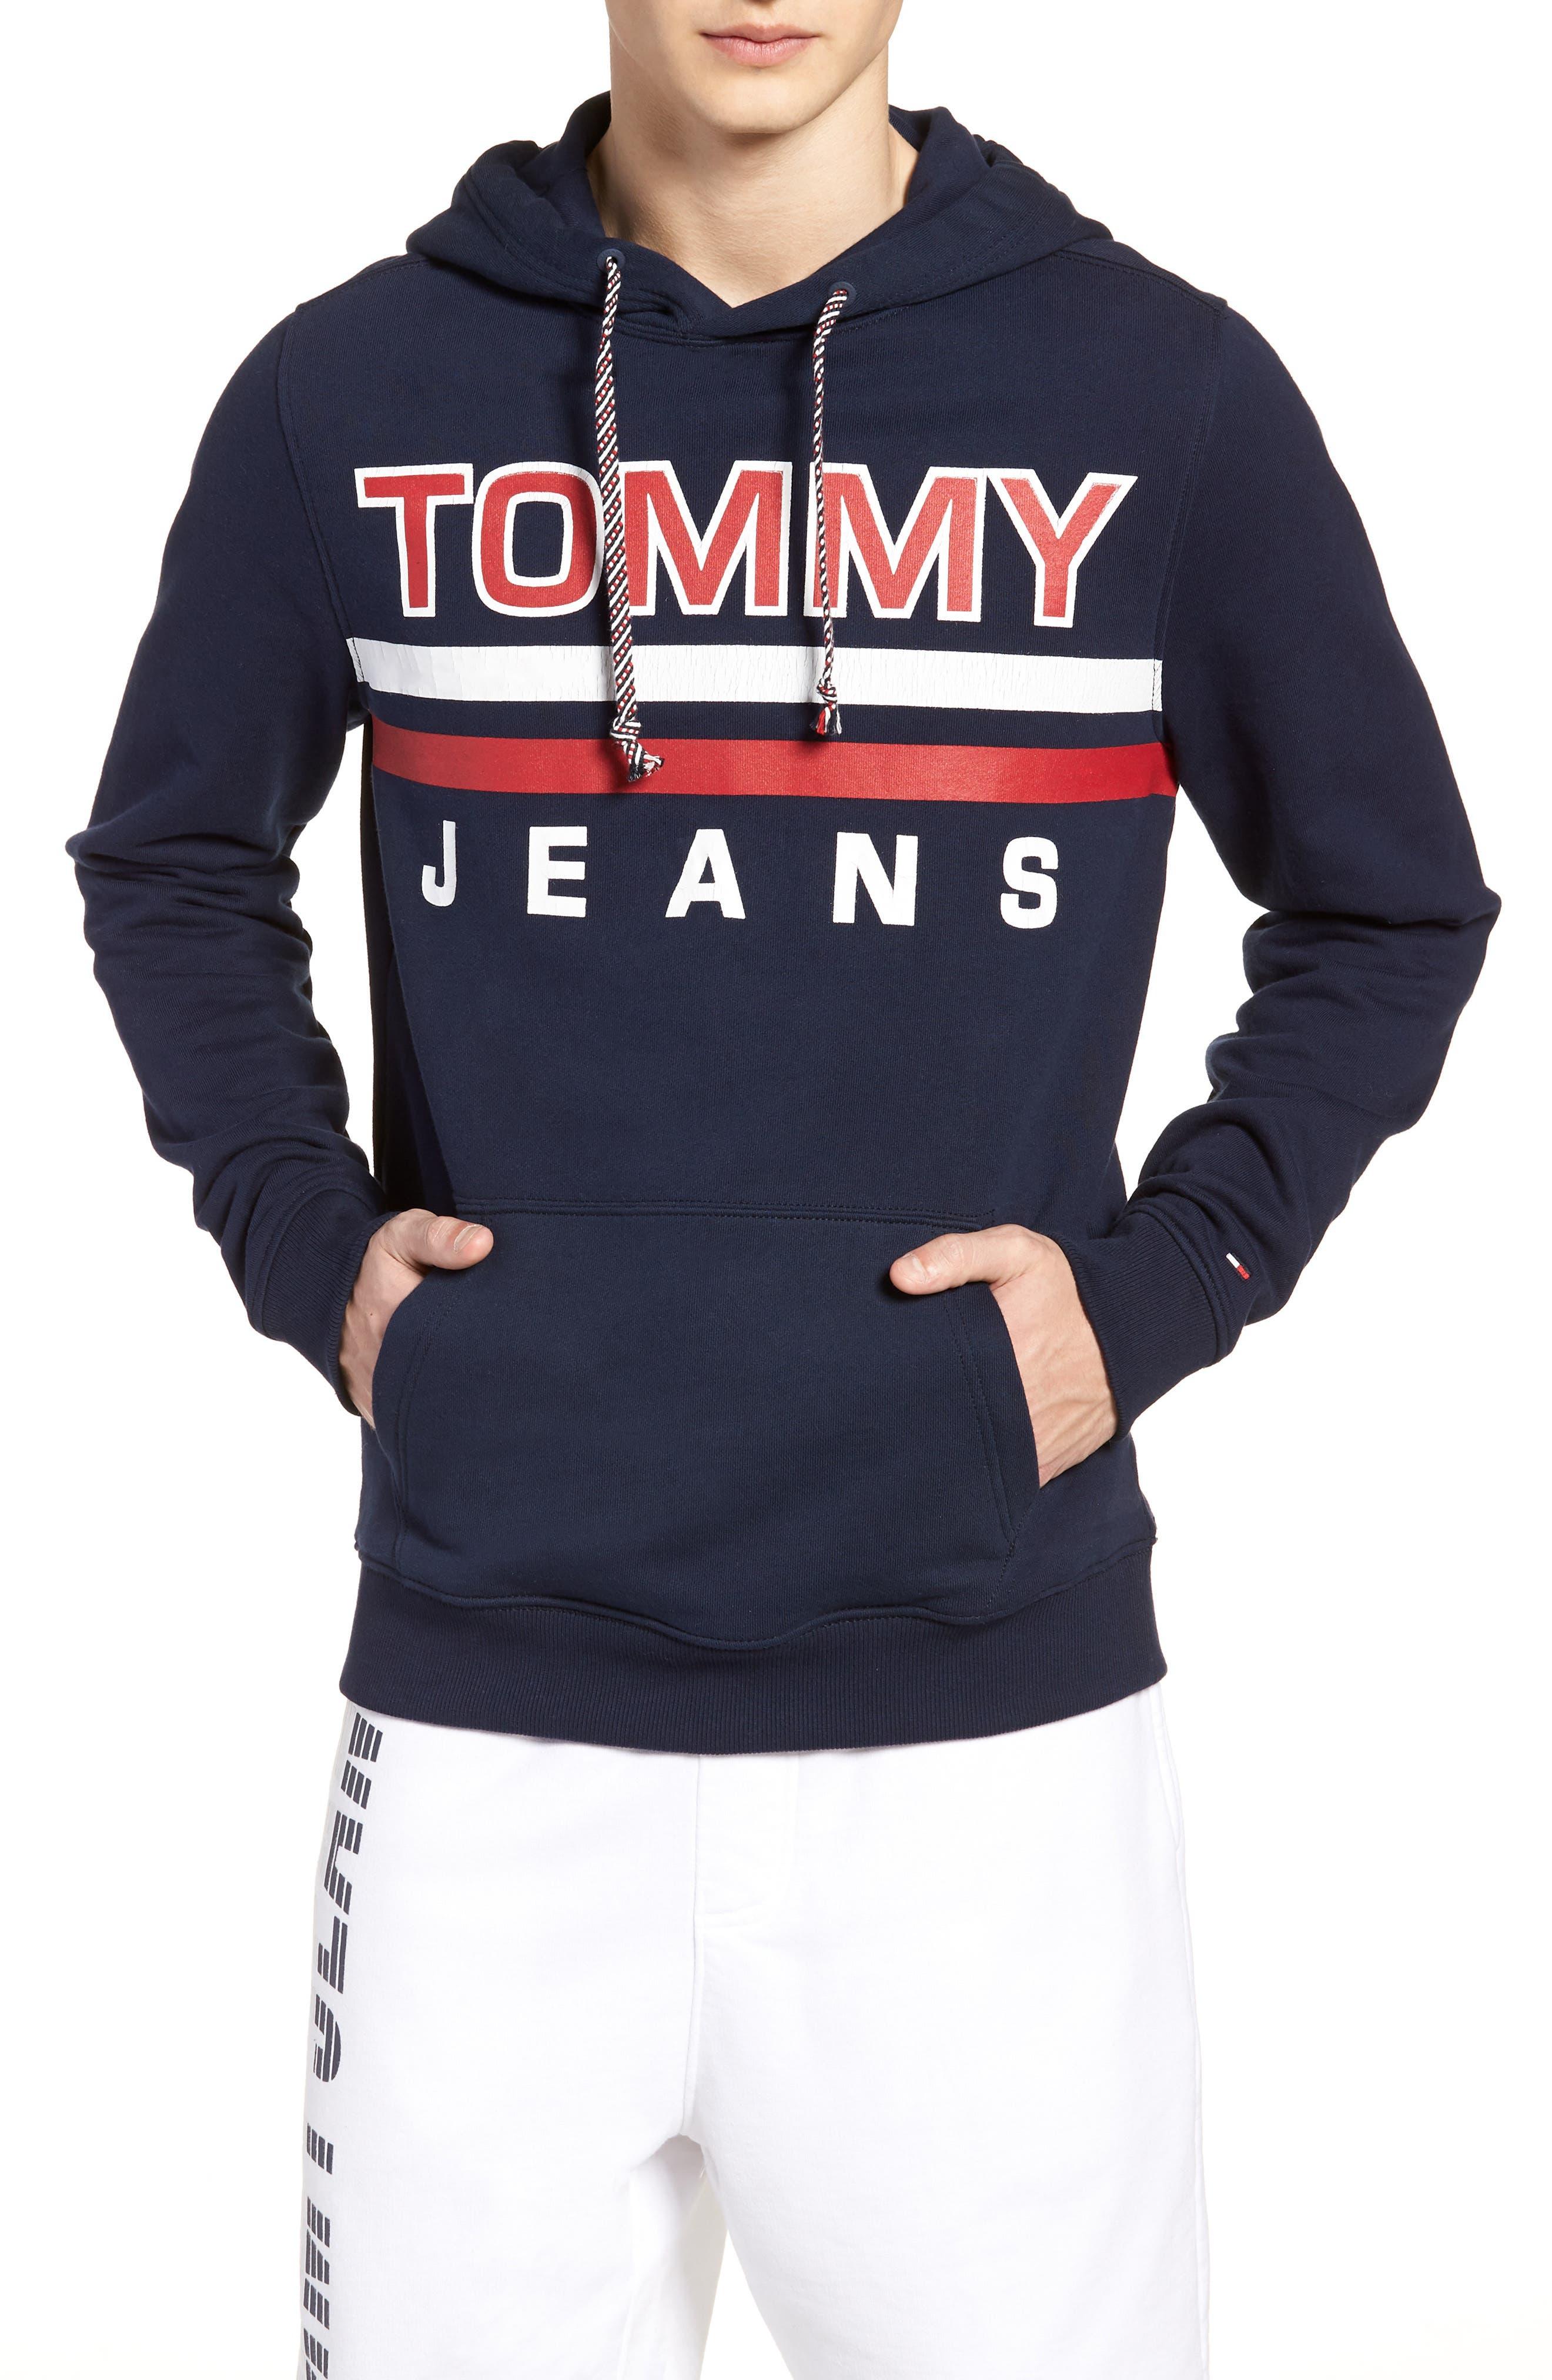 TOMMY JEANS Essential Graphic Hoodie Sweatshirt